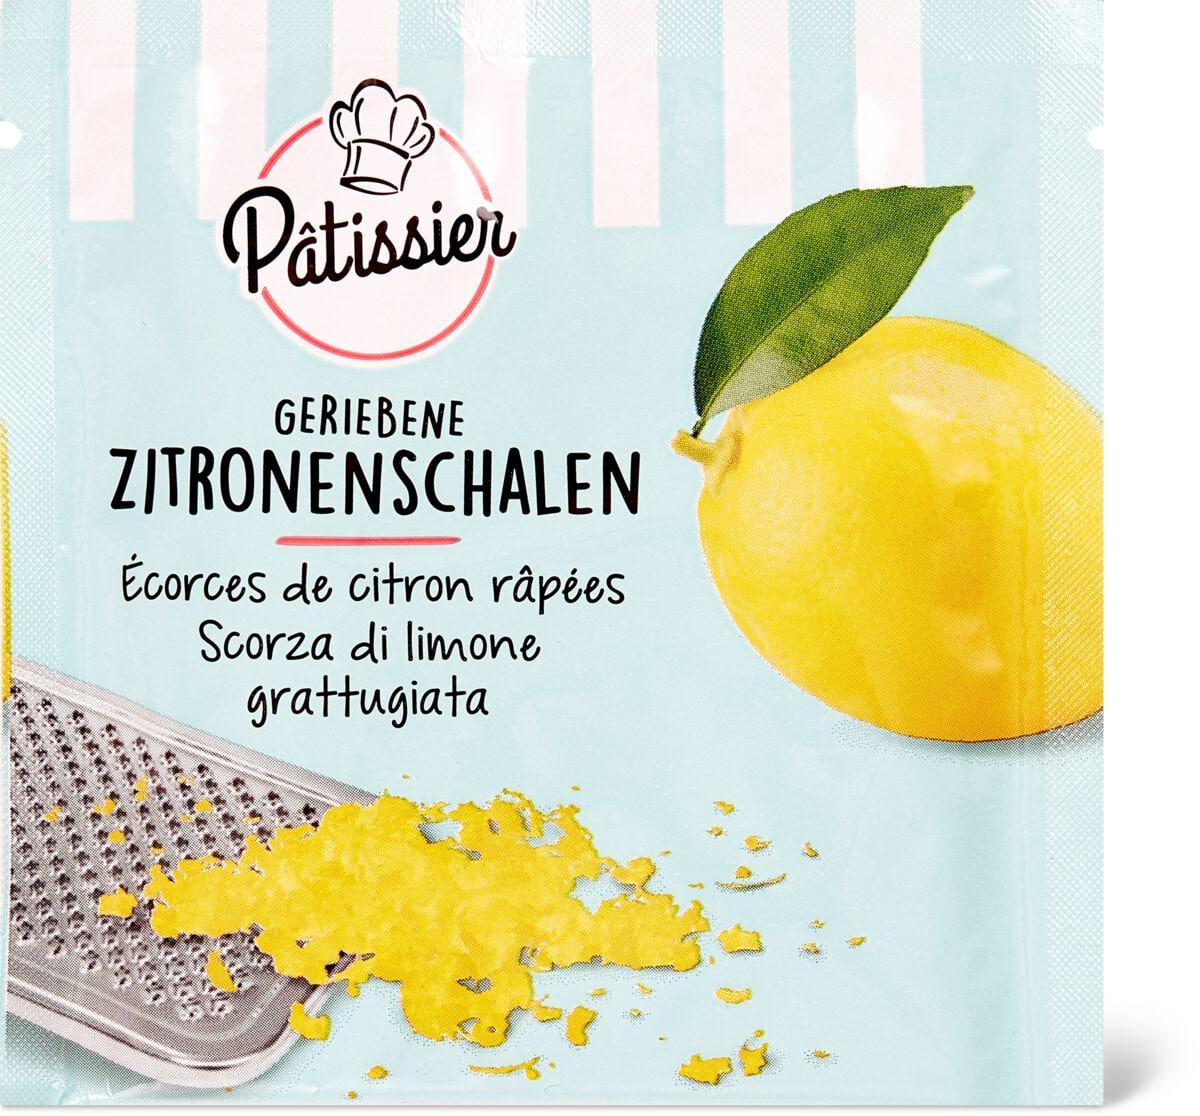 Patissier Scorza di limone grattugiata